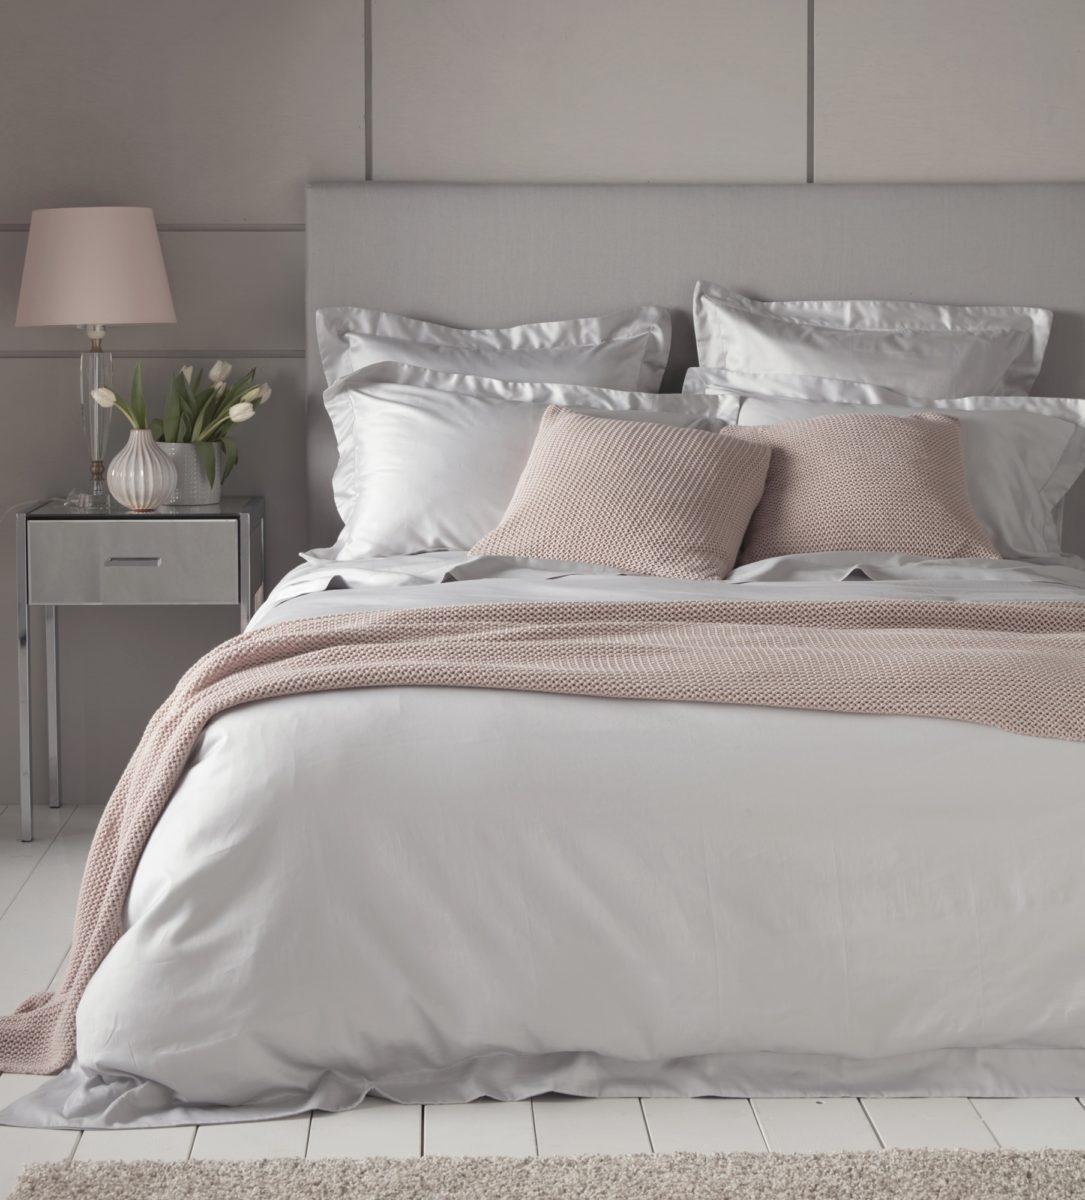 Bed linen luxury light grey 600 thread count bed linen   secret linen store XFFPZKB